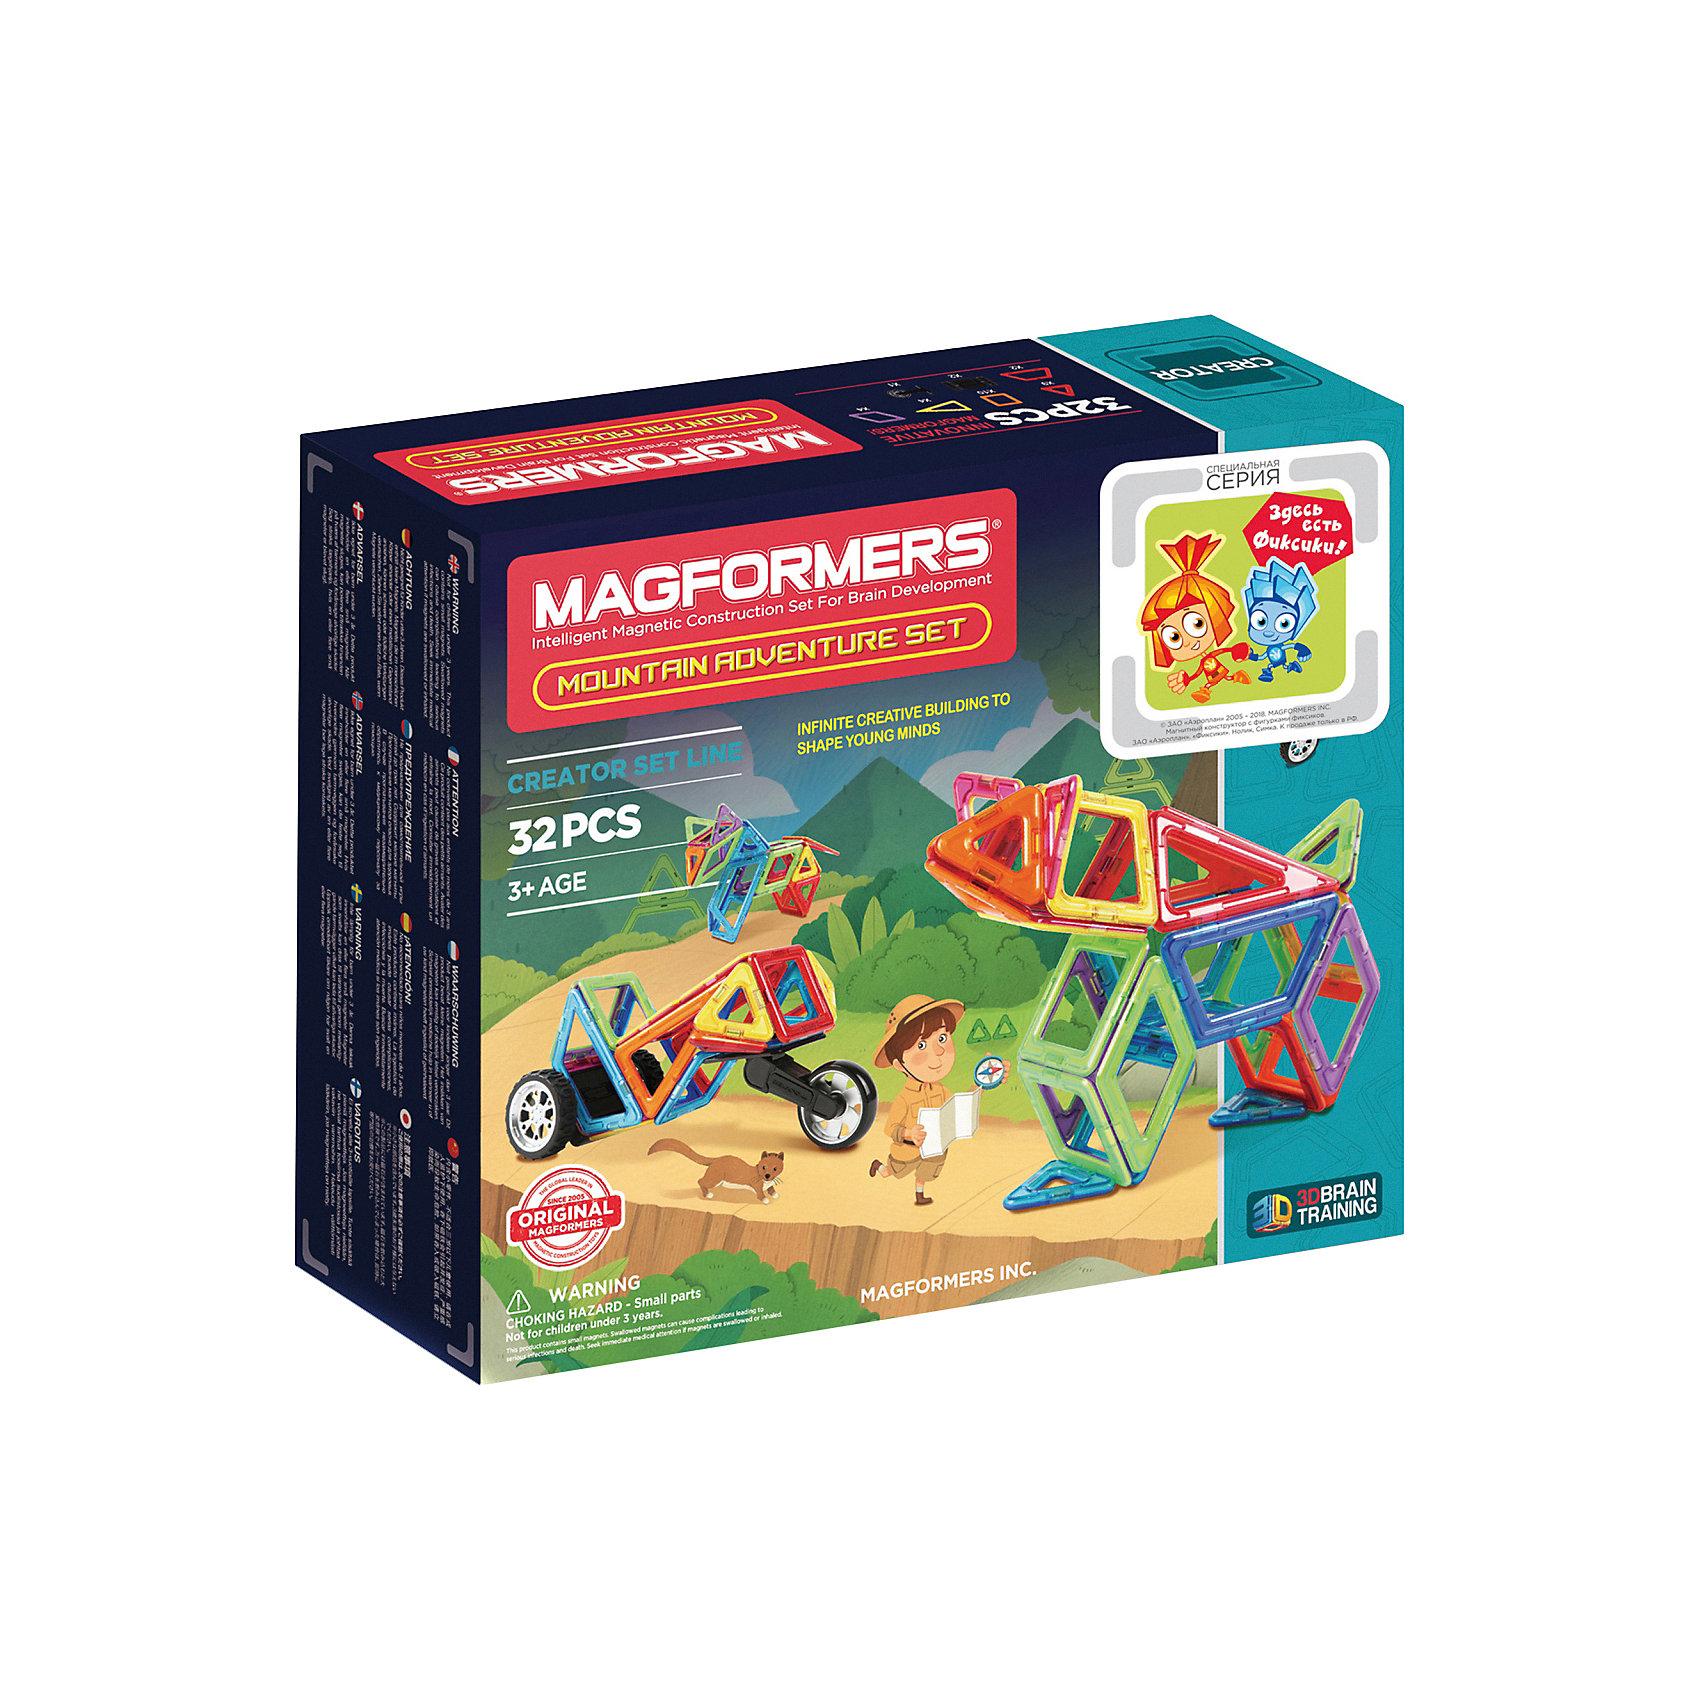 Магнитный конструктор Adventure Mountain, MAGFORMERSМагнитные конструкторы<br>Характеристики товара:<br><br>- цвет: разноцветный;<br>- материал: магнит, пластик;<br>- деталей: 32;<br>- комплектация: детали конструктора, упаковка.<br><br>Конструкторы могут не только развлекать ребенка, но и помогать его всестороннему развитию. Этот набор предназначен для формирования разных навыков, он помогает развить тактильное восприятие, мелкую моторику, воображение, внимание и логику.<br>Изделие представляет собой набор из 35 магнитных деталей разных форм, с помощью которых можно сделать различные конструкции. Конструктор из магнитных деталей очень нравится детям! С таким набором можно придумать множество игр! Изделие произведено из качественных материалов, безопасных для ребенка.<br><br>Магнитный конструктор Adventure Mountain, от бренда MAGFORMERS можно купить в нашем интернет-магазине.<br><br>Ширина мм: 245<br>Глубина мм: 290<br>Высота мм: 80<br>Вес г: 988<br>Возраст от месяцев: 36<br>Возраст до месяцев: 2147483647<br>Пол: Унисекс<br>Возраст: Детский<br>SKU: 5082418